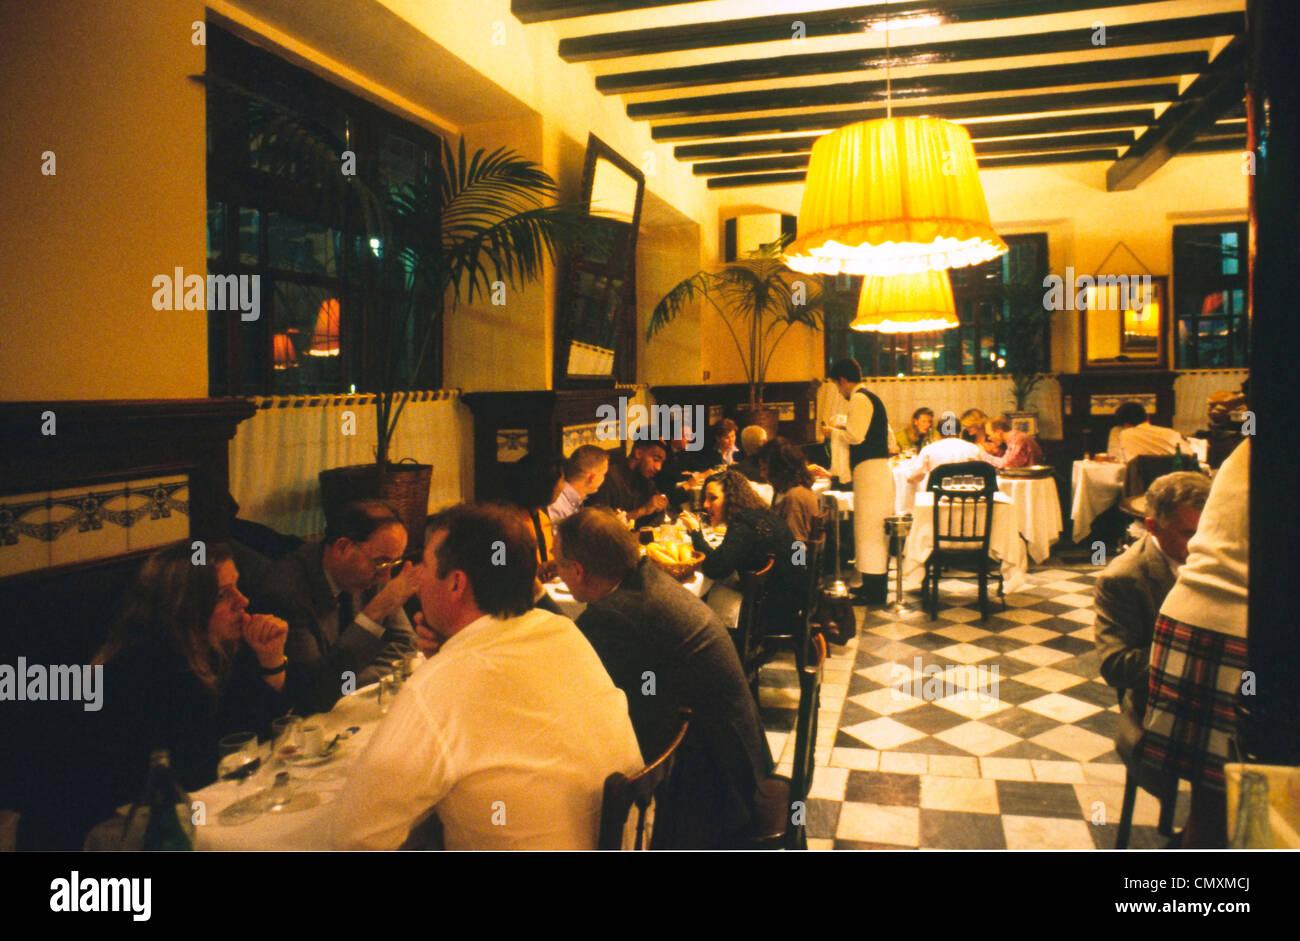 Spanien Barcelona Sete Portes Restaurant interieur Stockbild